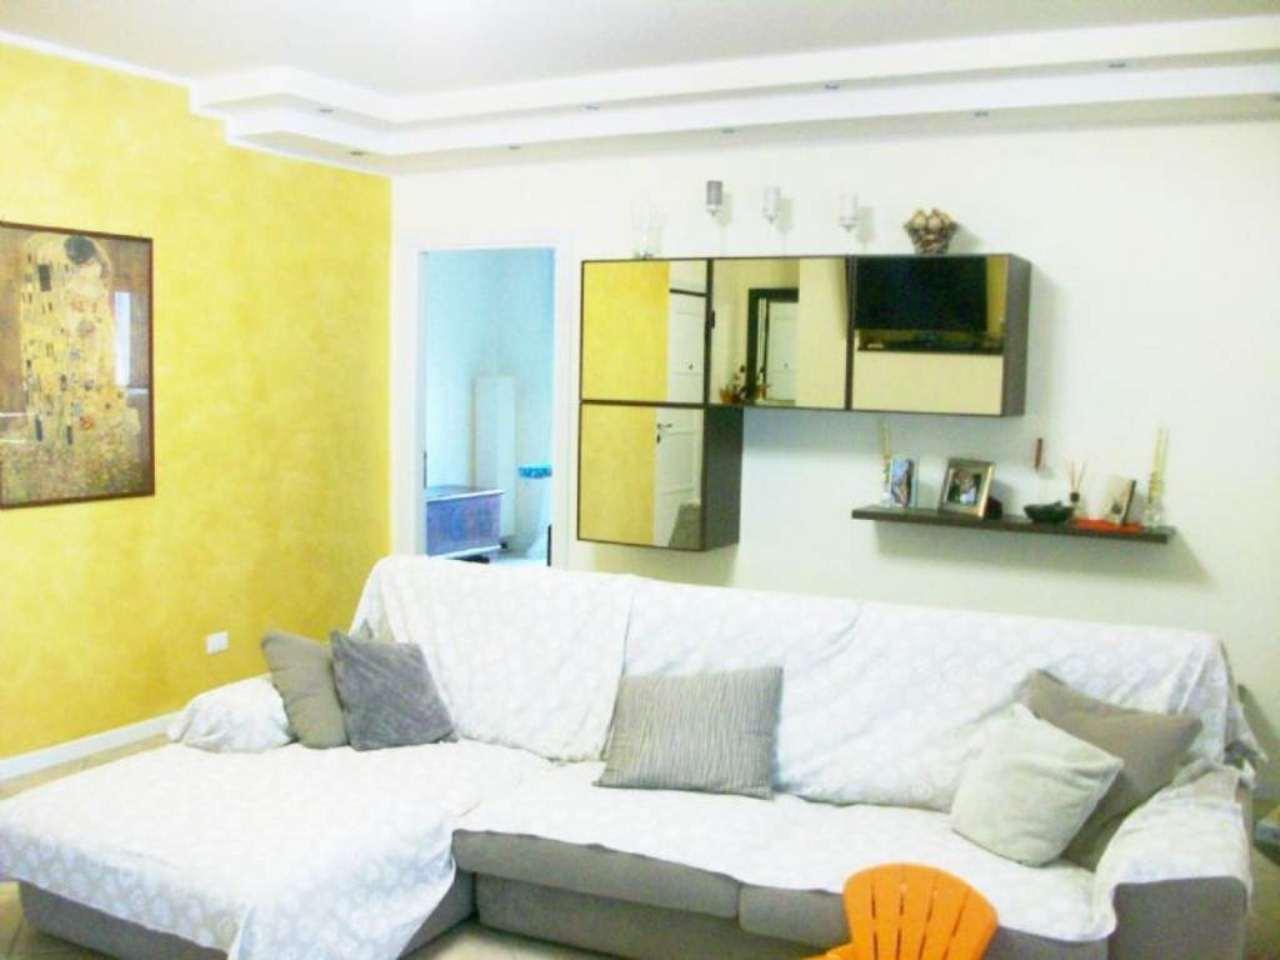 Attico / Mansarda in vendita a Rimini, 4 locali, prezzo € 365.000 | Cambio Casa.it